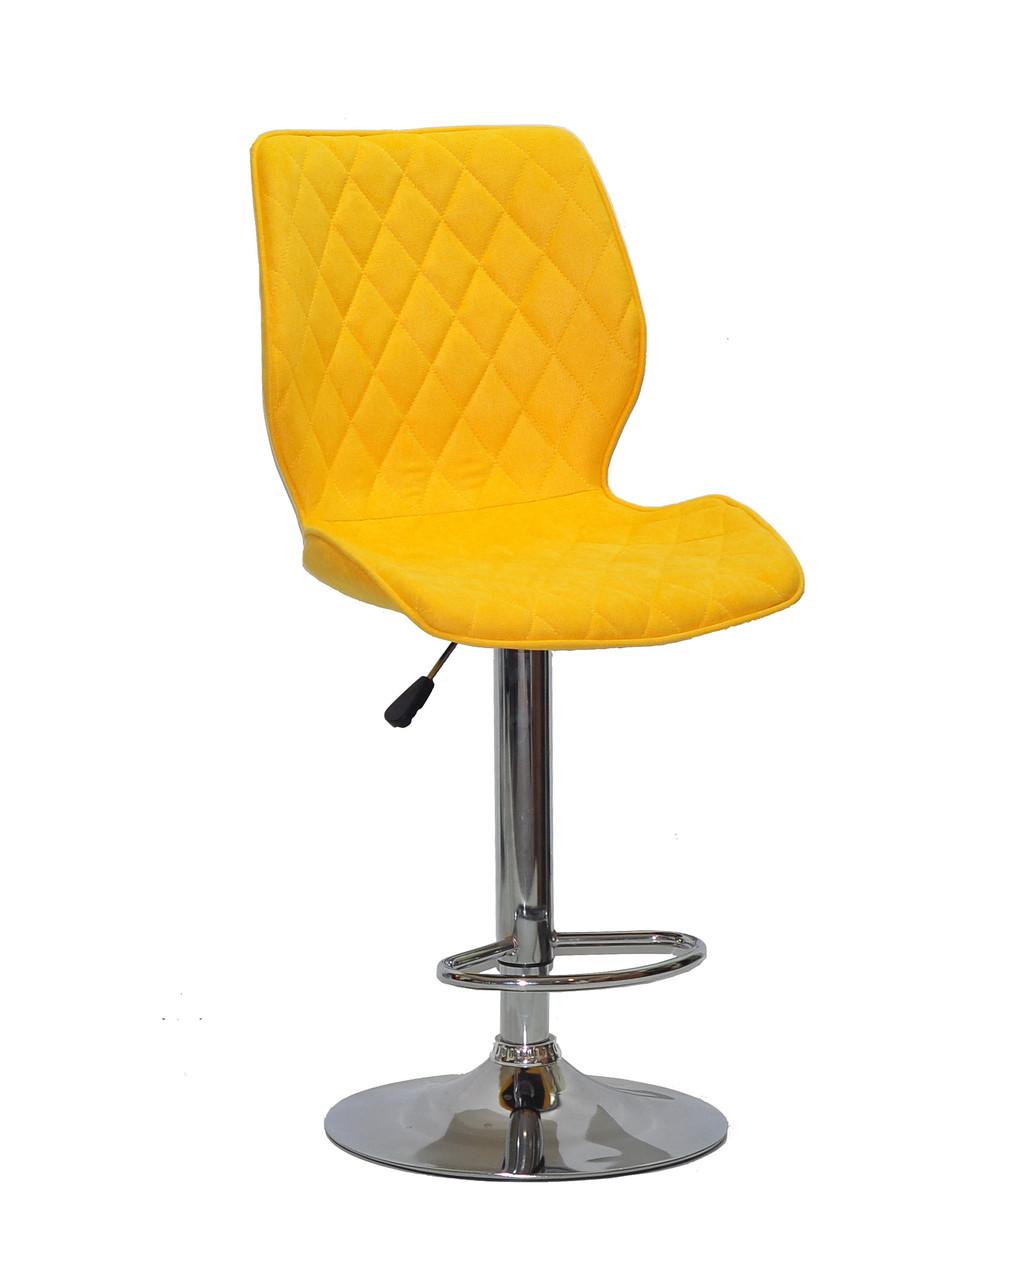 Барный стул Тони TONI BAR CH - BASE желтый шенилл, стул для визажа